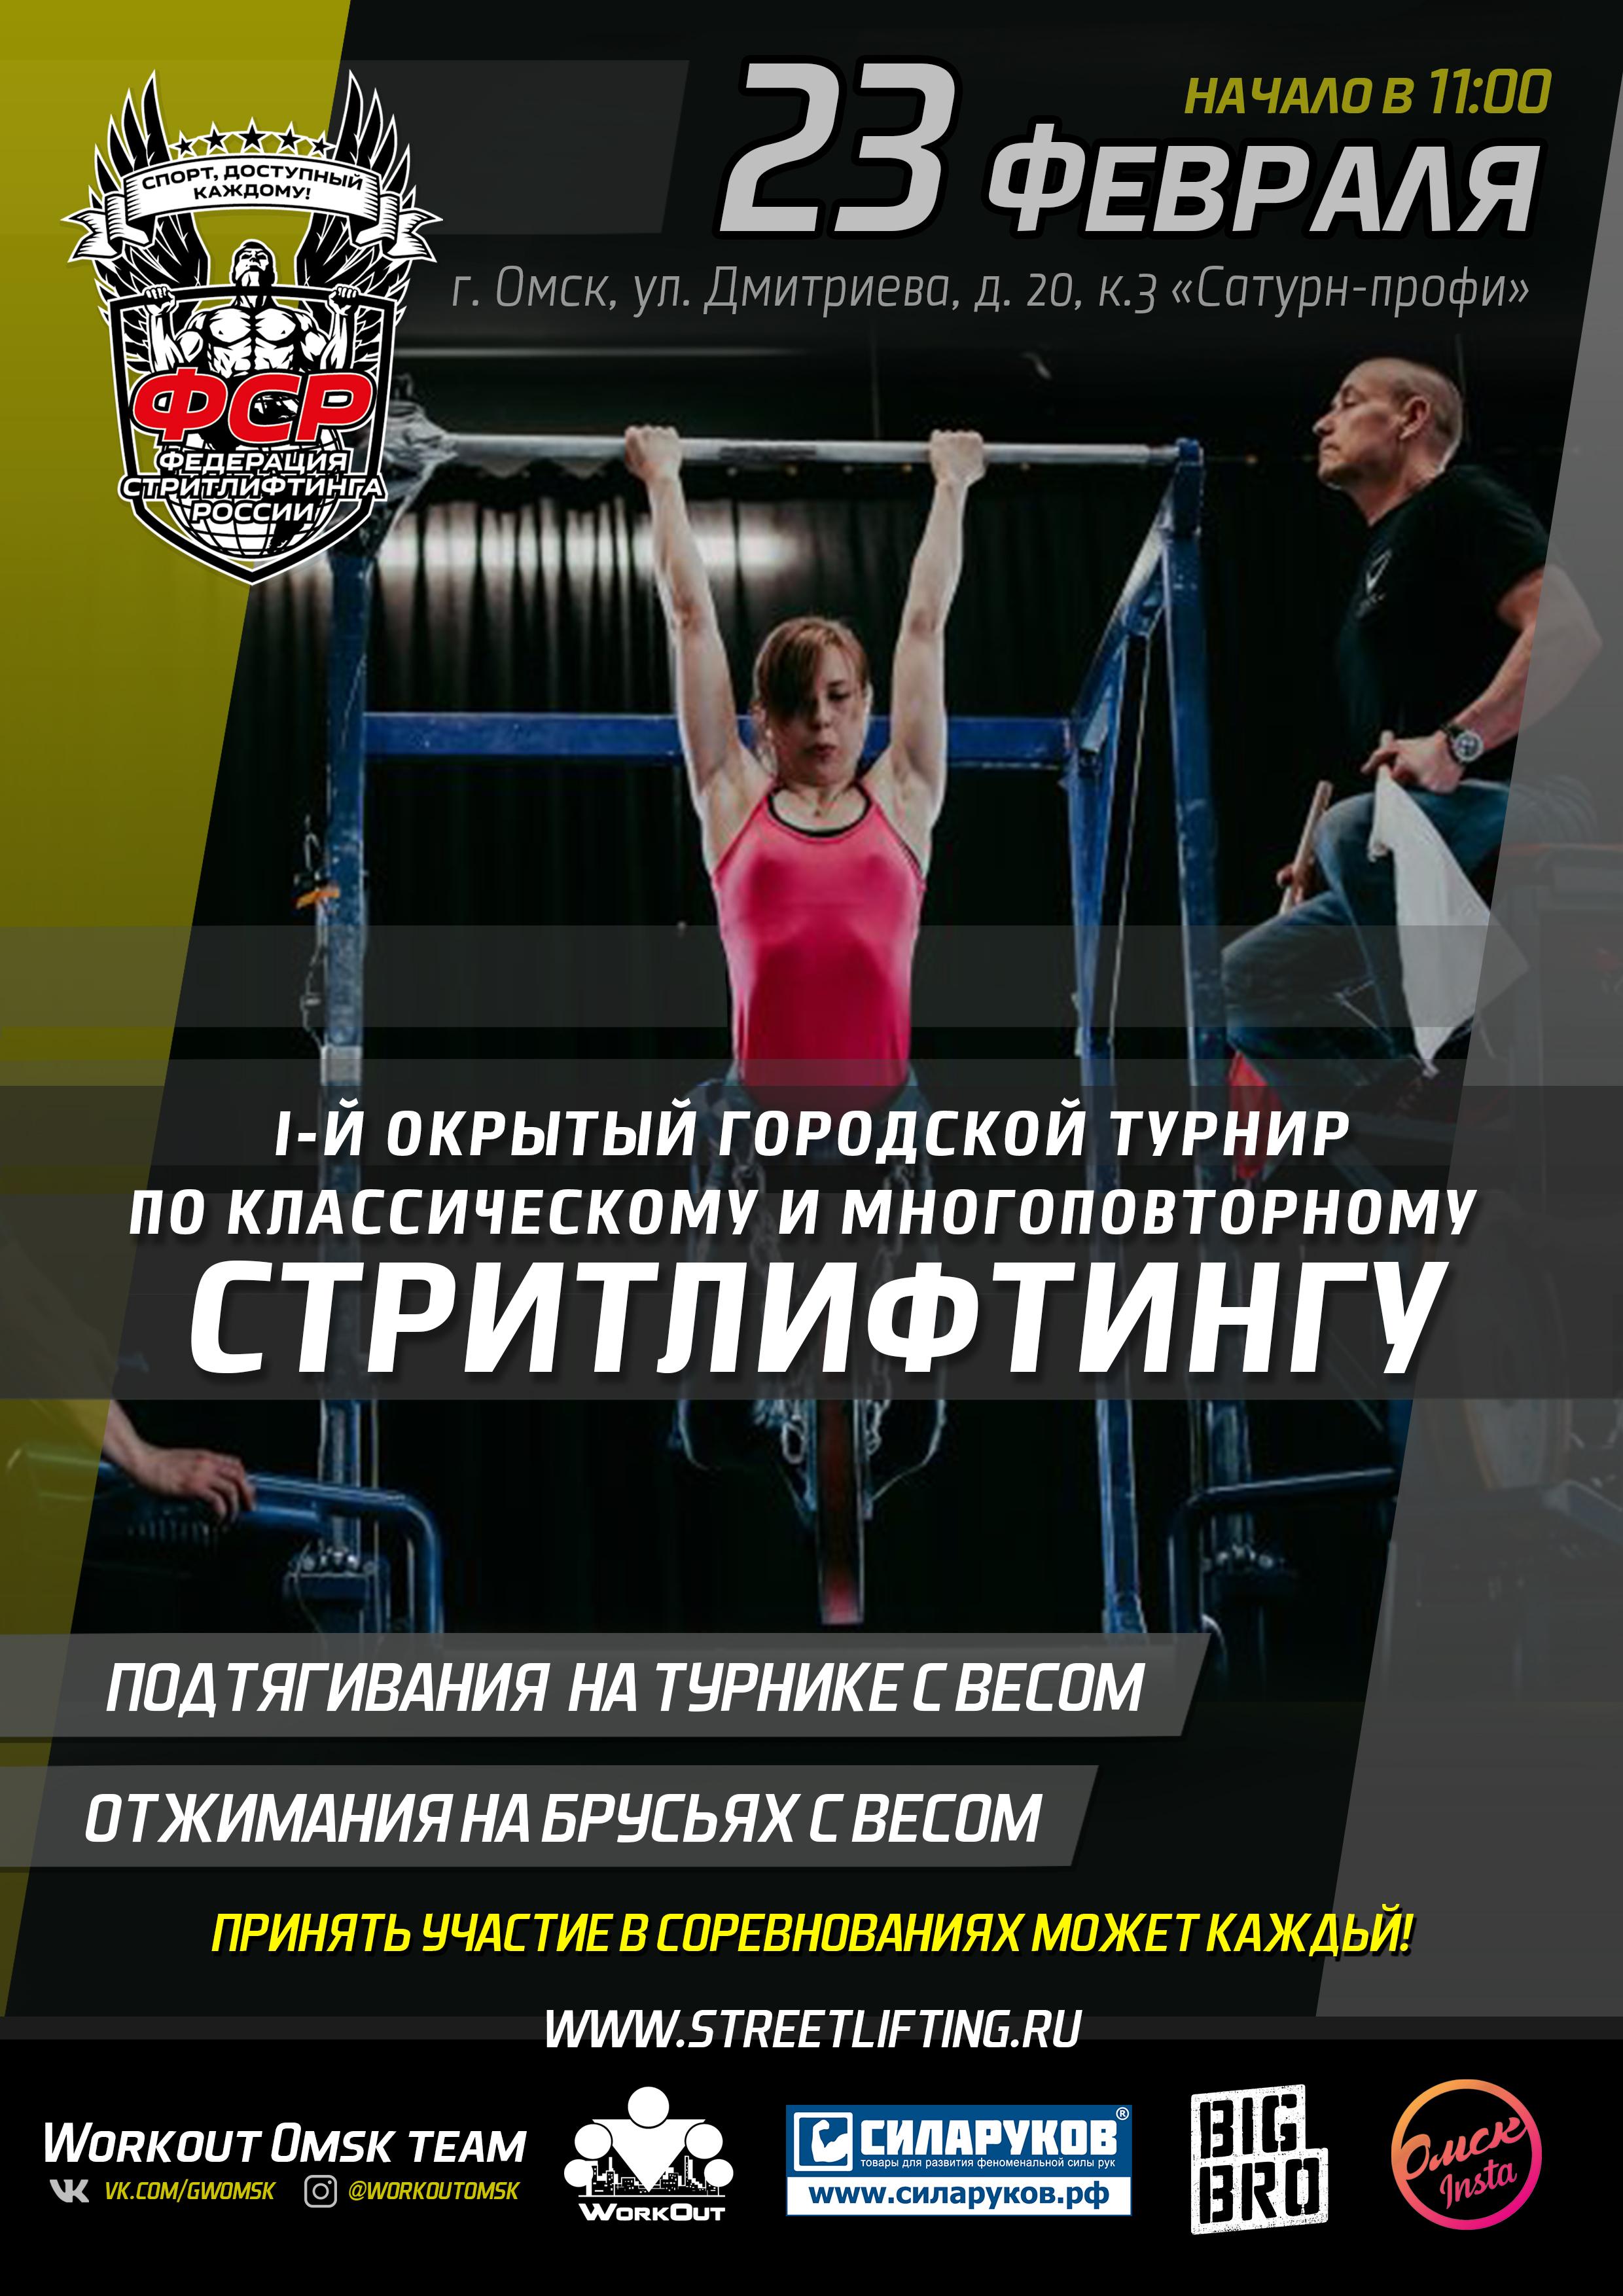 23 февраля 2019 – Открытый городской турнир, г. Омск, Омская область